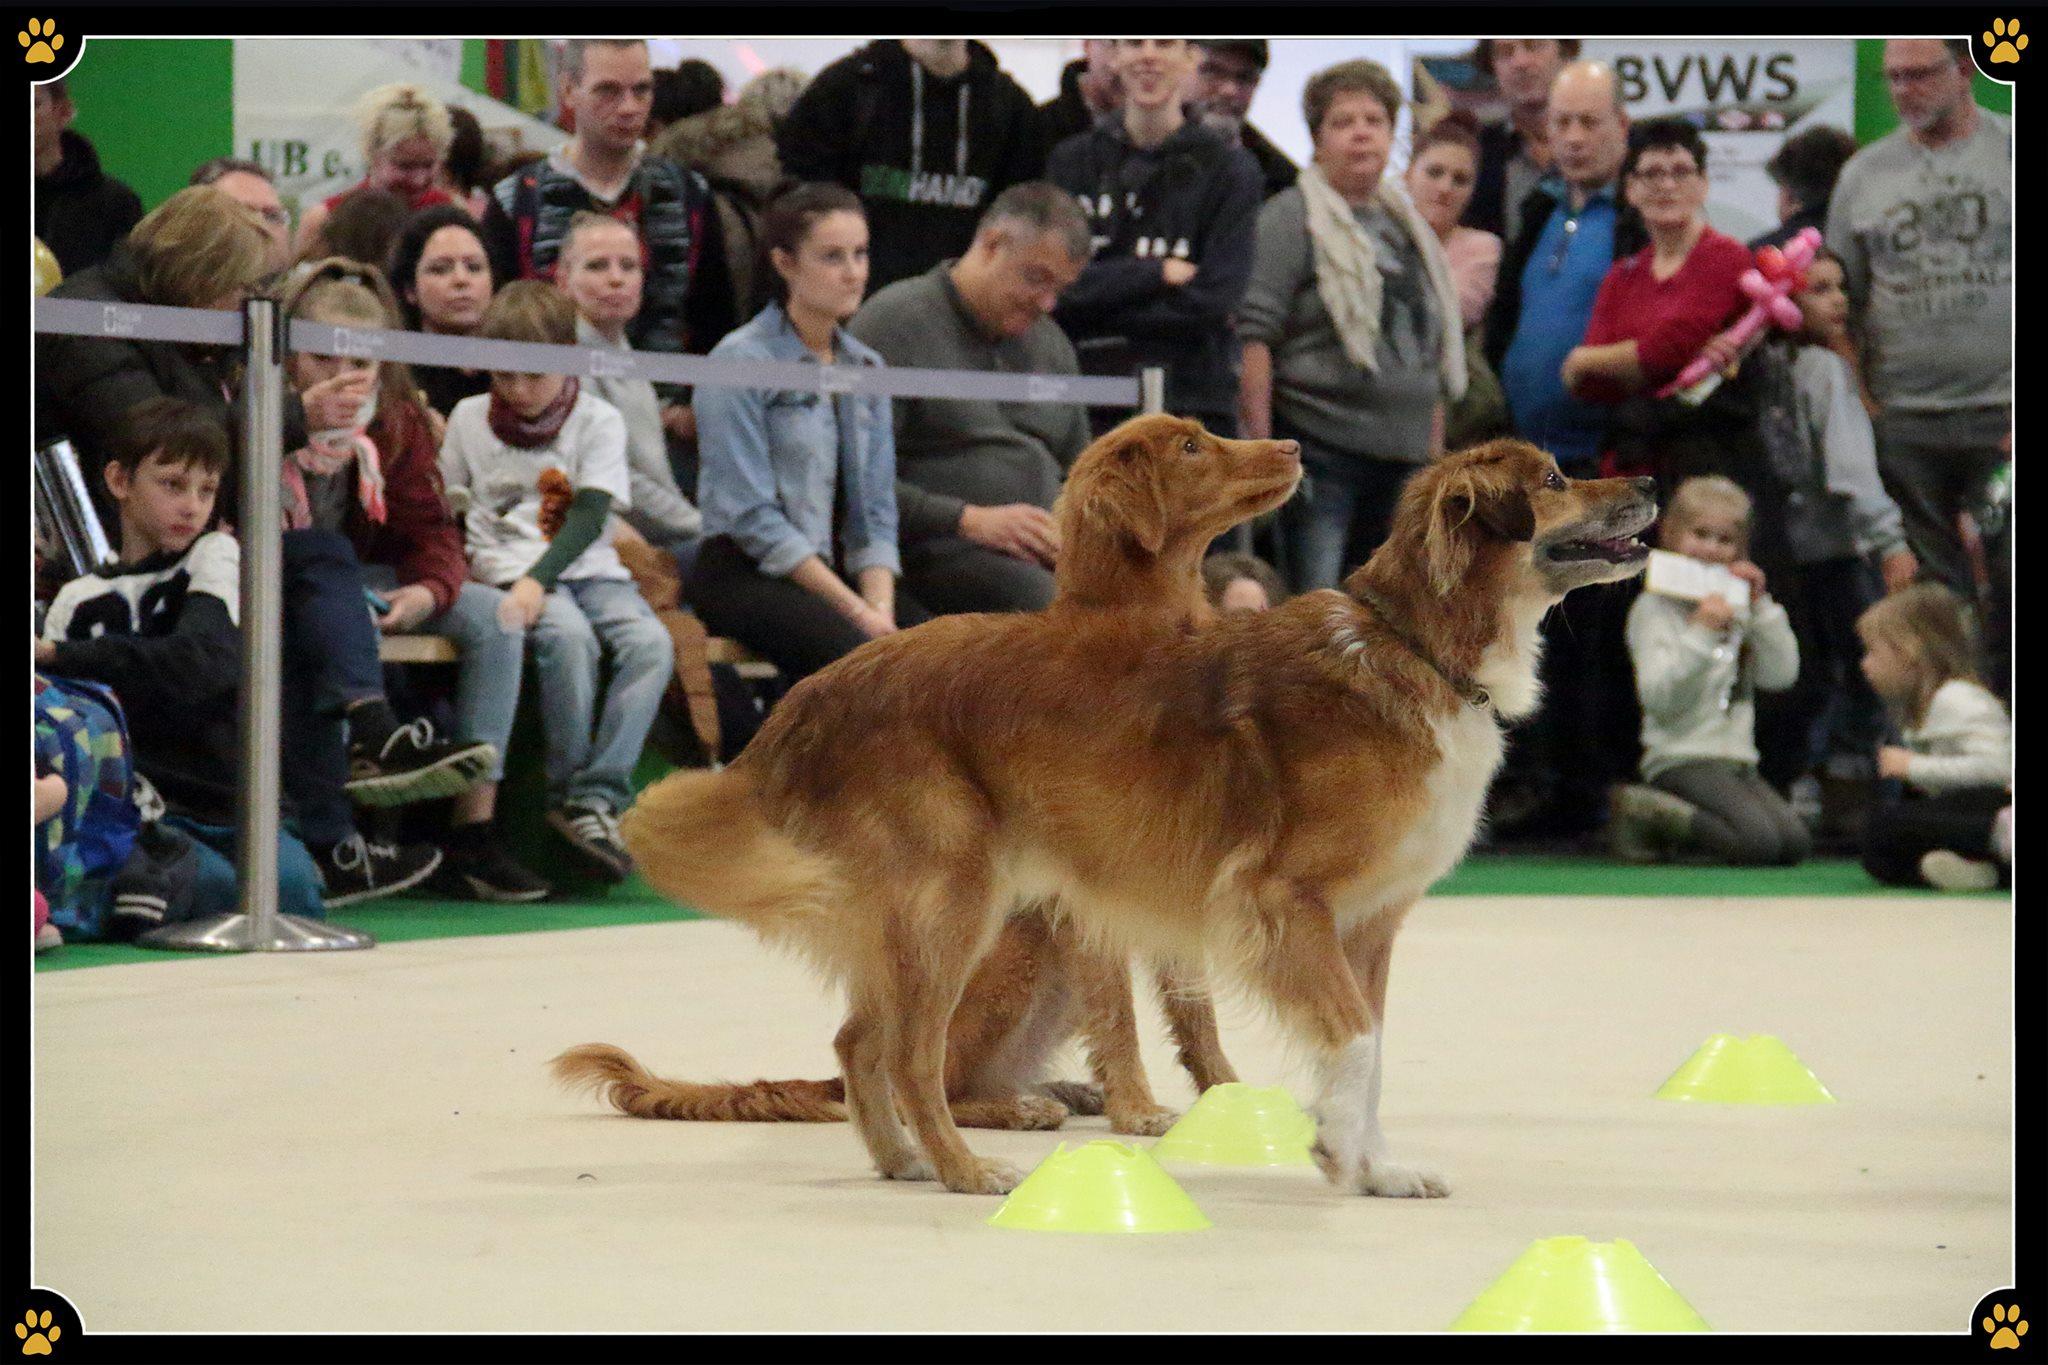 Jeder Hund hat seine Aufgabe - Jede Hunderasse wurde für eine bestimmte Aufgabe gezüchtet - so entstanden mit der Zeit Schutz-, Herden-, Jagd- und Hütehunde. 🐾JoBaDog zeigte auf der Grünen Woche, dass Vierbeiner wie der Border Collie auch ausgelastet werden können, wenn man keine Schafherde im Garten besitzt.🐑Auch muss man keinen Teich mit Enten haben, nur damit der Labrador mal müde ist.🦆Die Auslastungsprogramme von JoBaDog schaffen Abhilfe und ermöglichen es jedem Hund seine Bestimmung auf eine andere Art und Weise auszuleben.💛